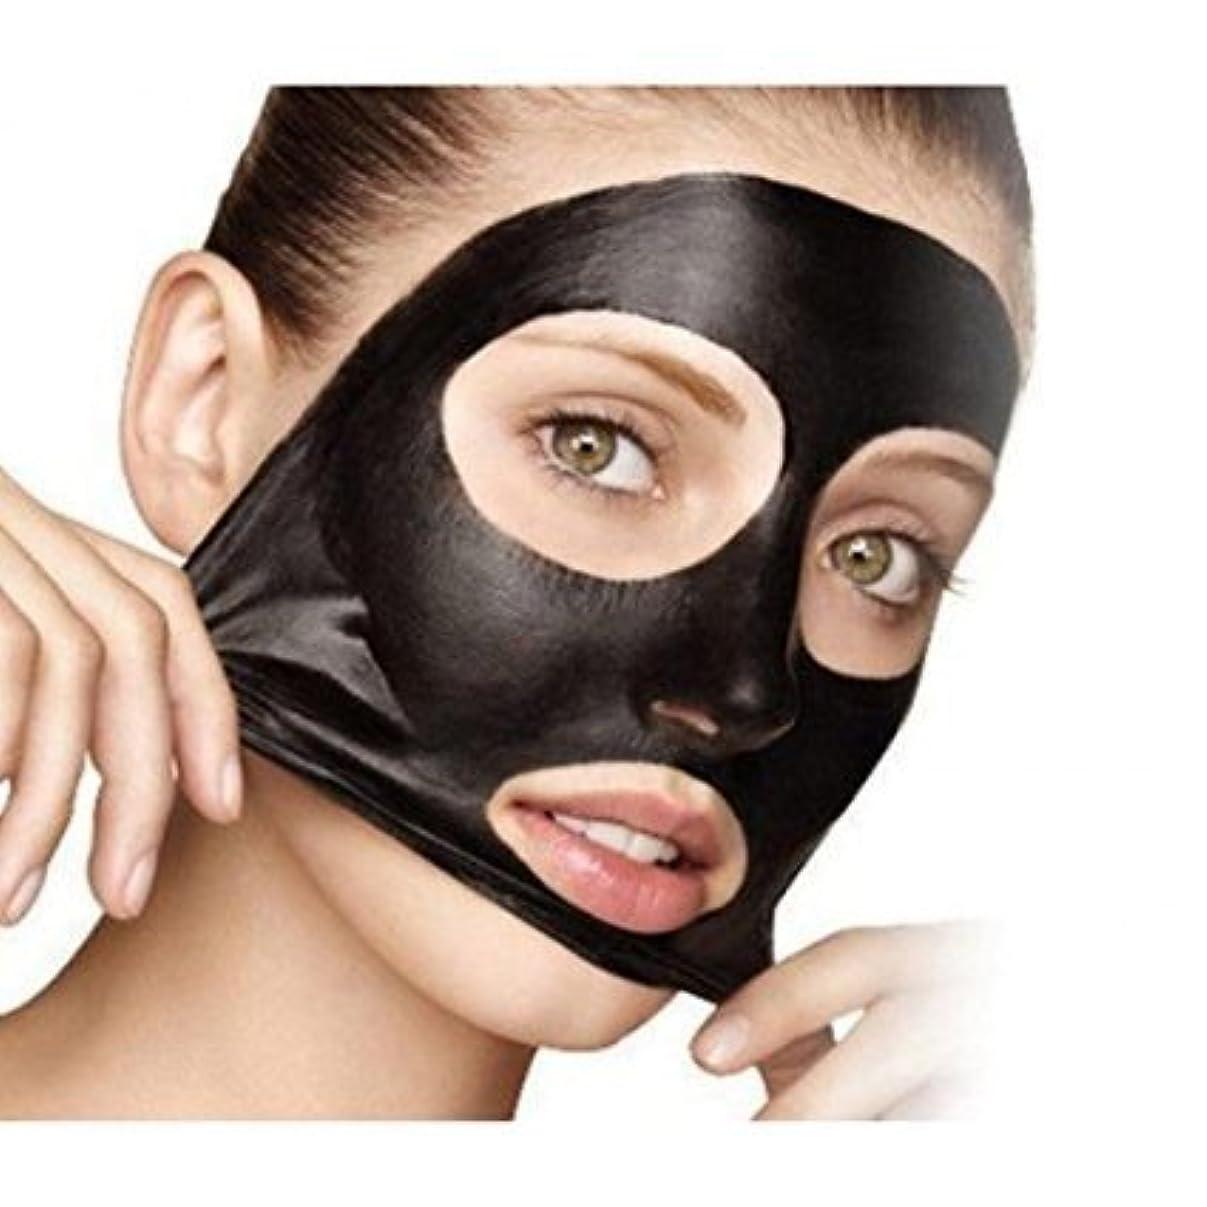 レタッチアラブサラボカカドゥ5 x Mineral Mud Nose Pore Cleansing Blackhead Removal Cleaner Membranes Mask by Boolavard® TM